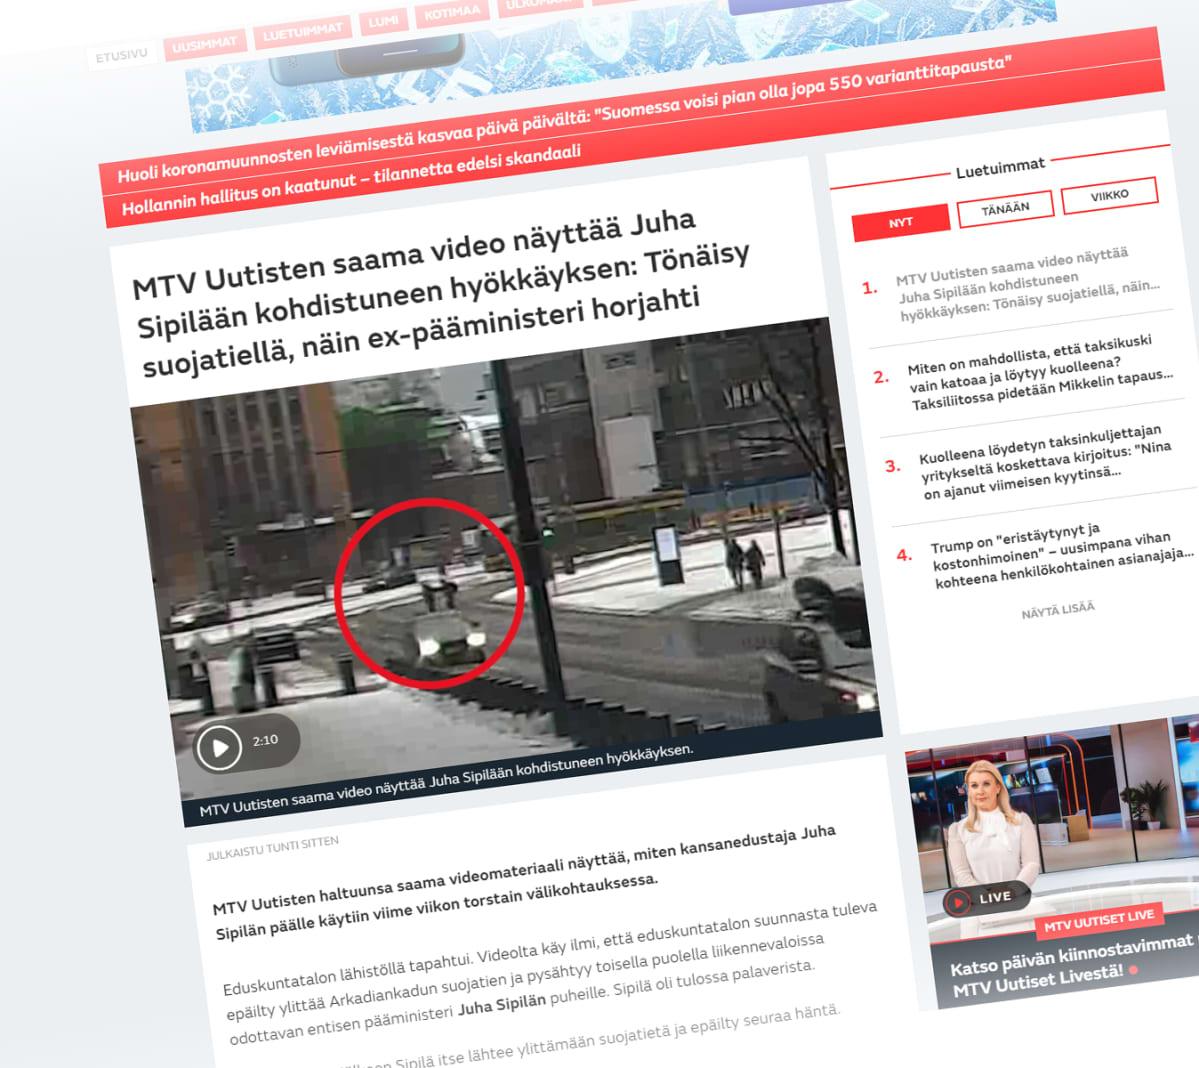 Mtv:N Uutiset